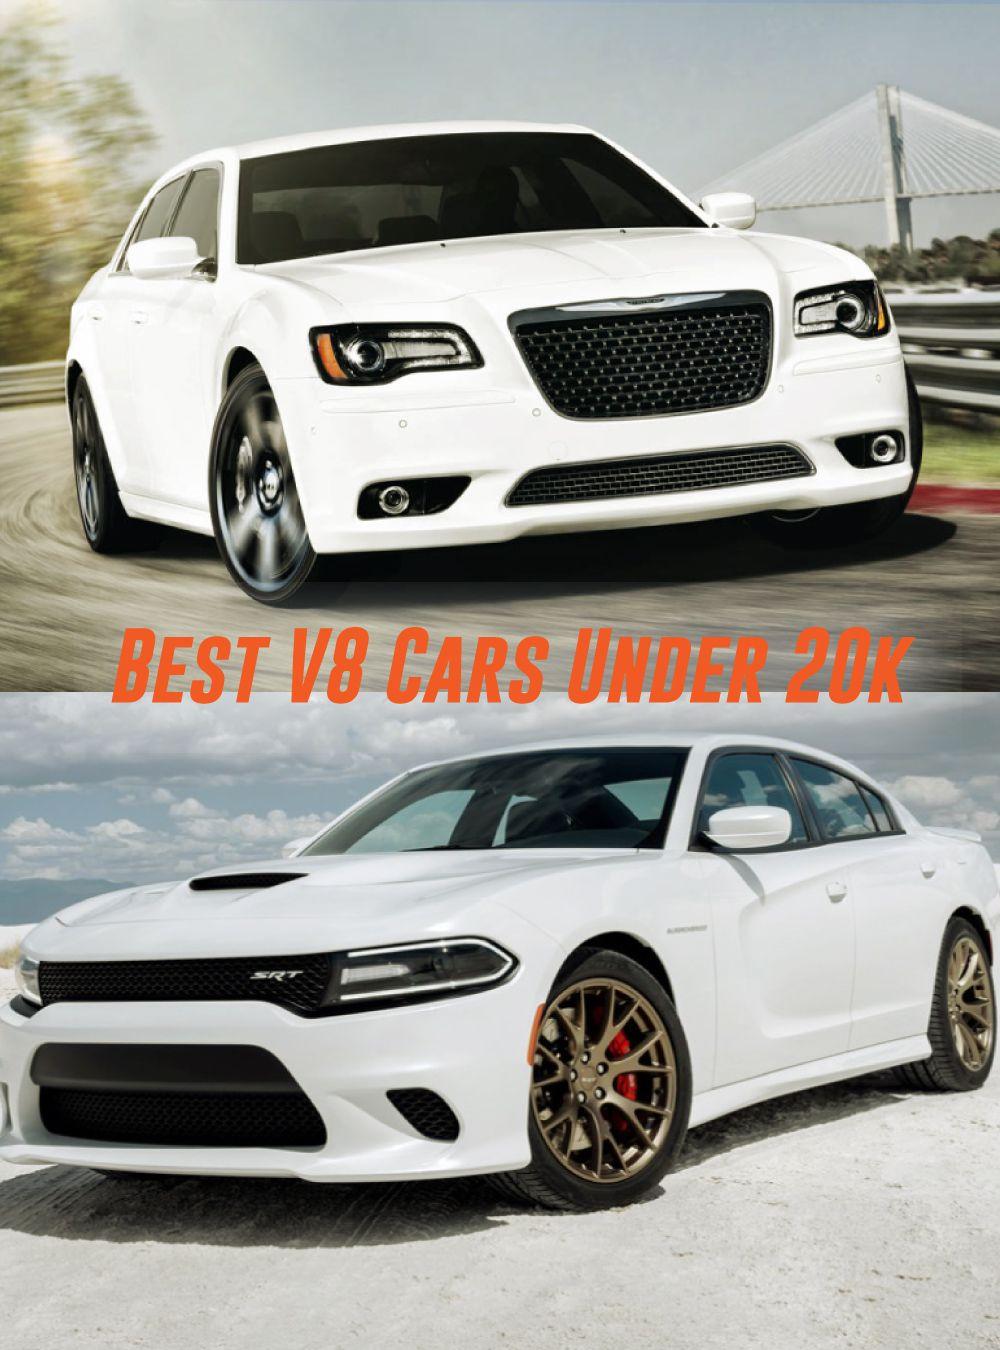 16++ Used luxury cars under 20k 4k UHD